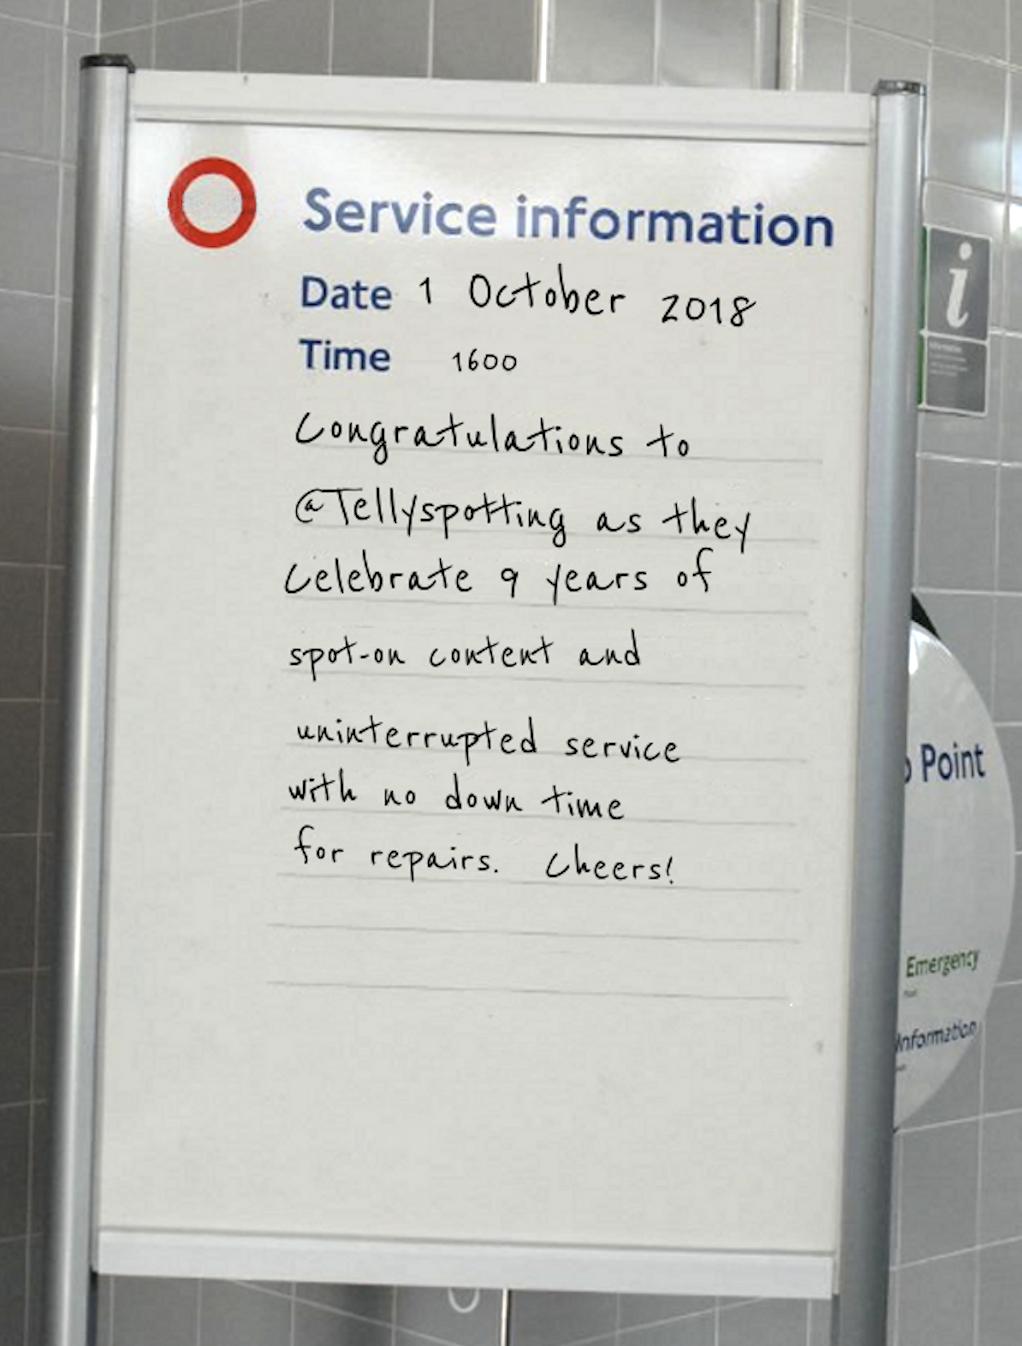 London Underground birthday wishes